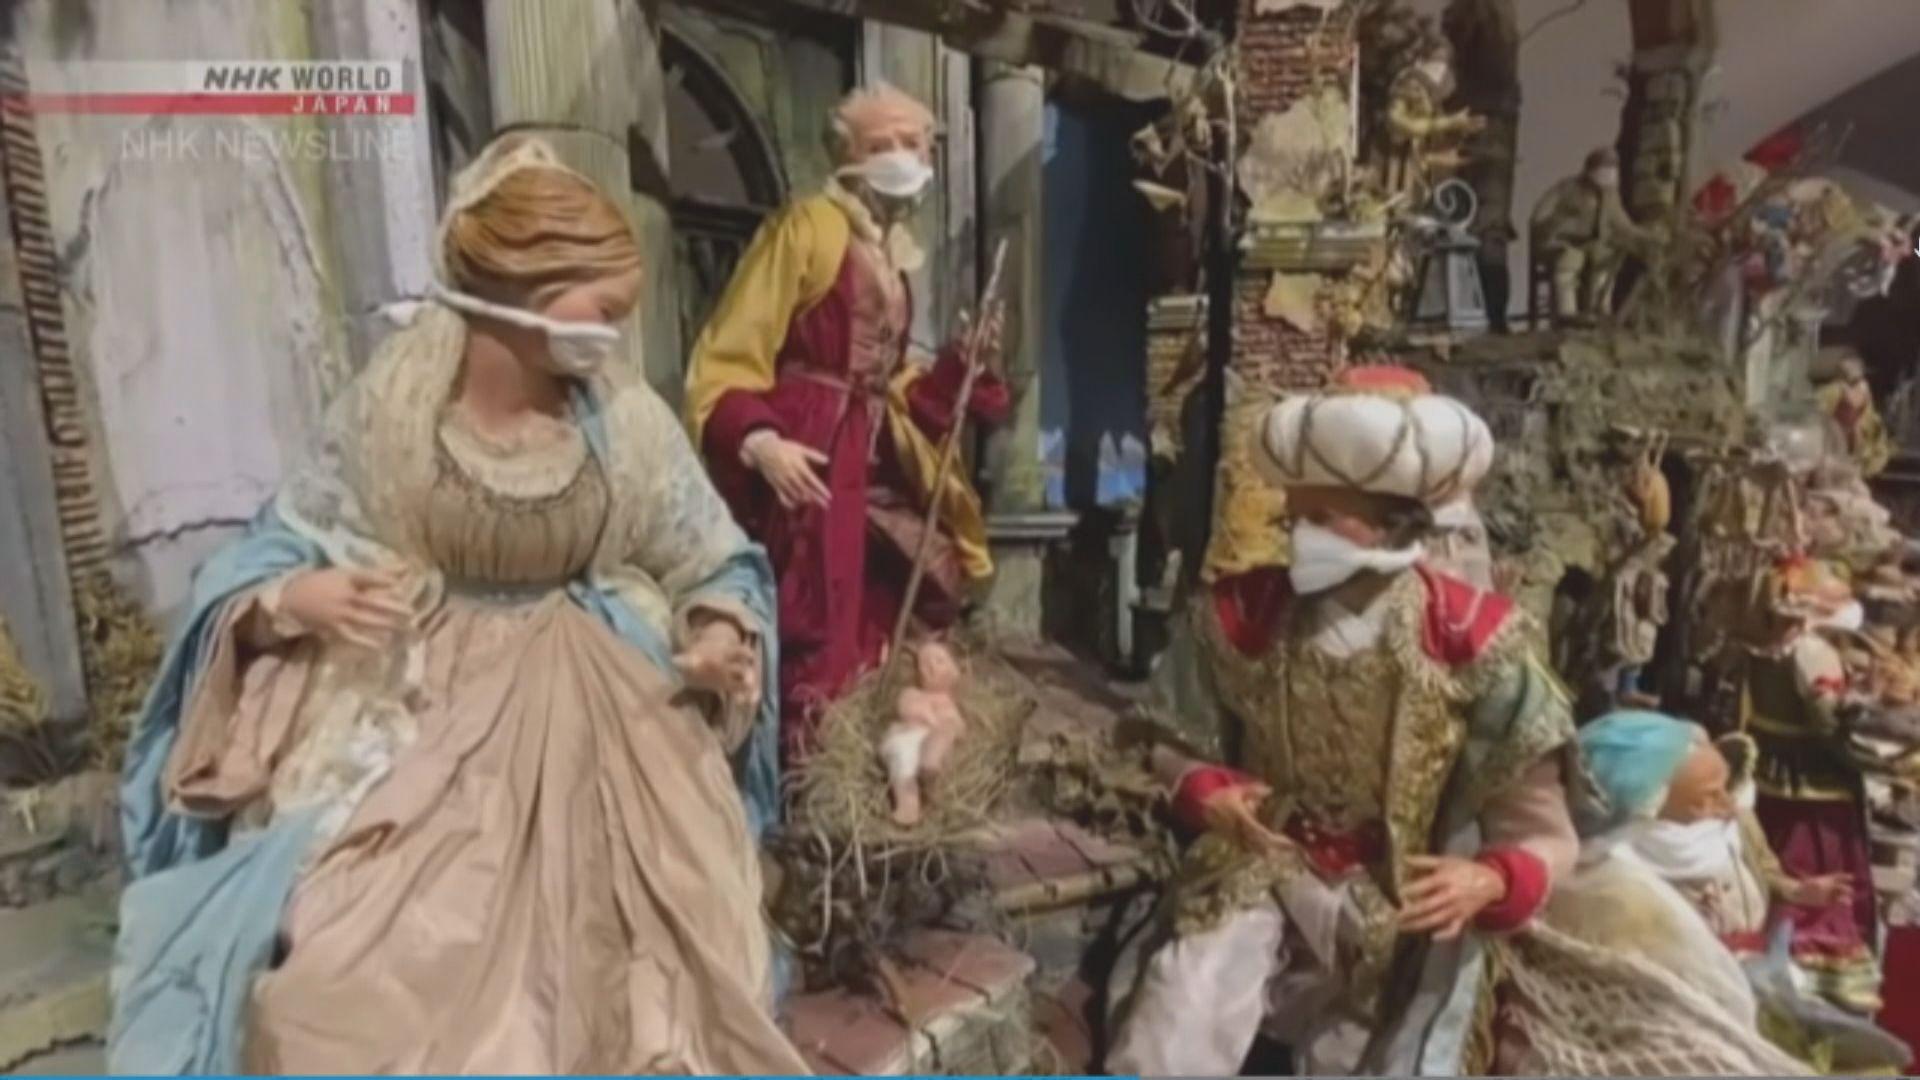 【環球薈報】那不勒斯廠商推「口罩版」聖誕馬槽擺設